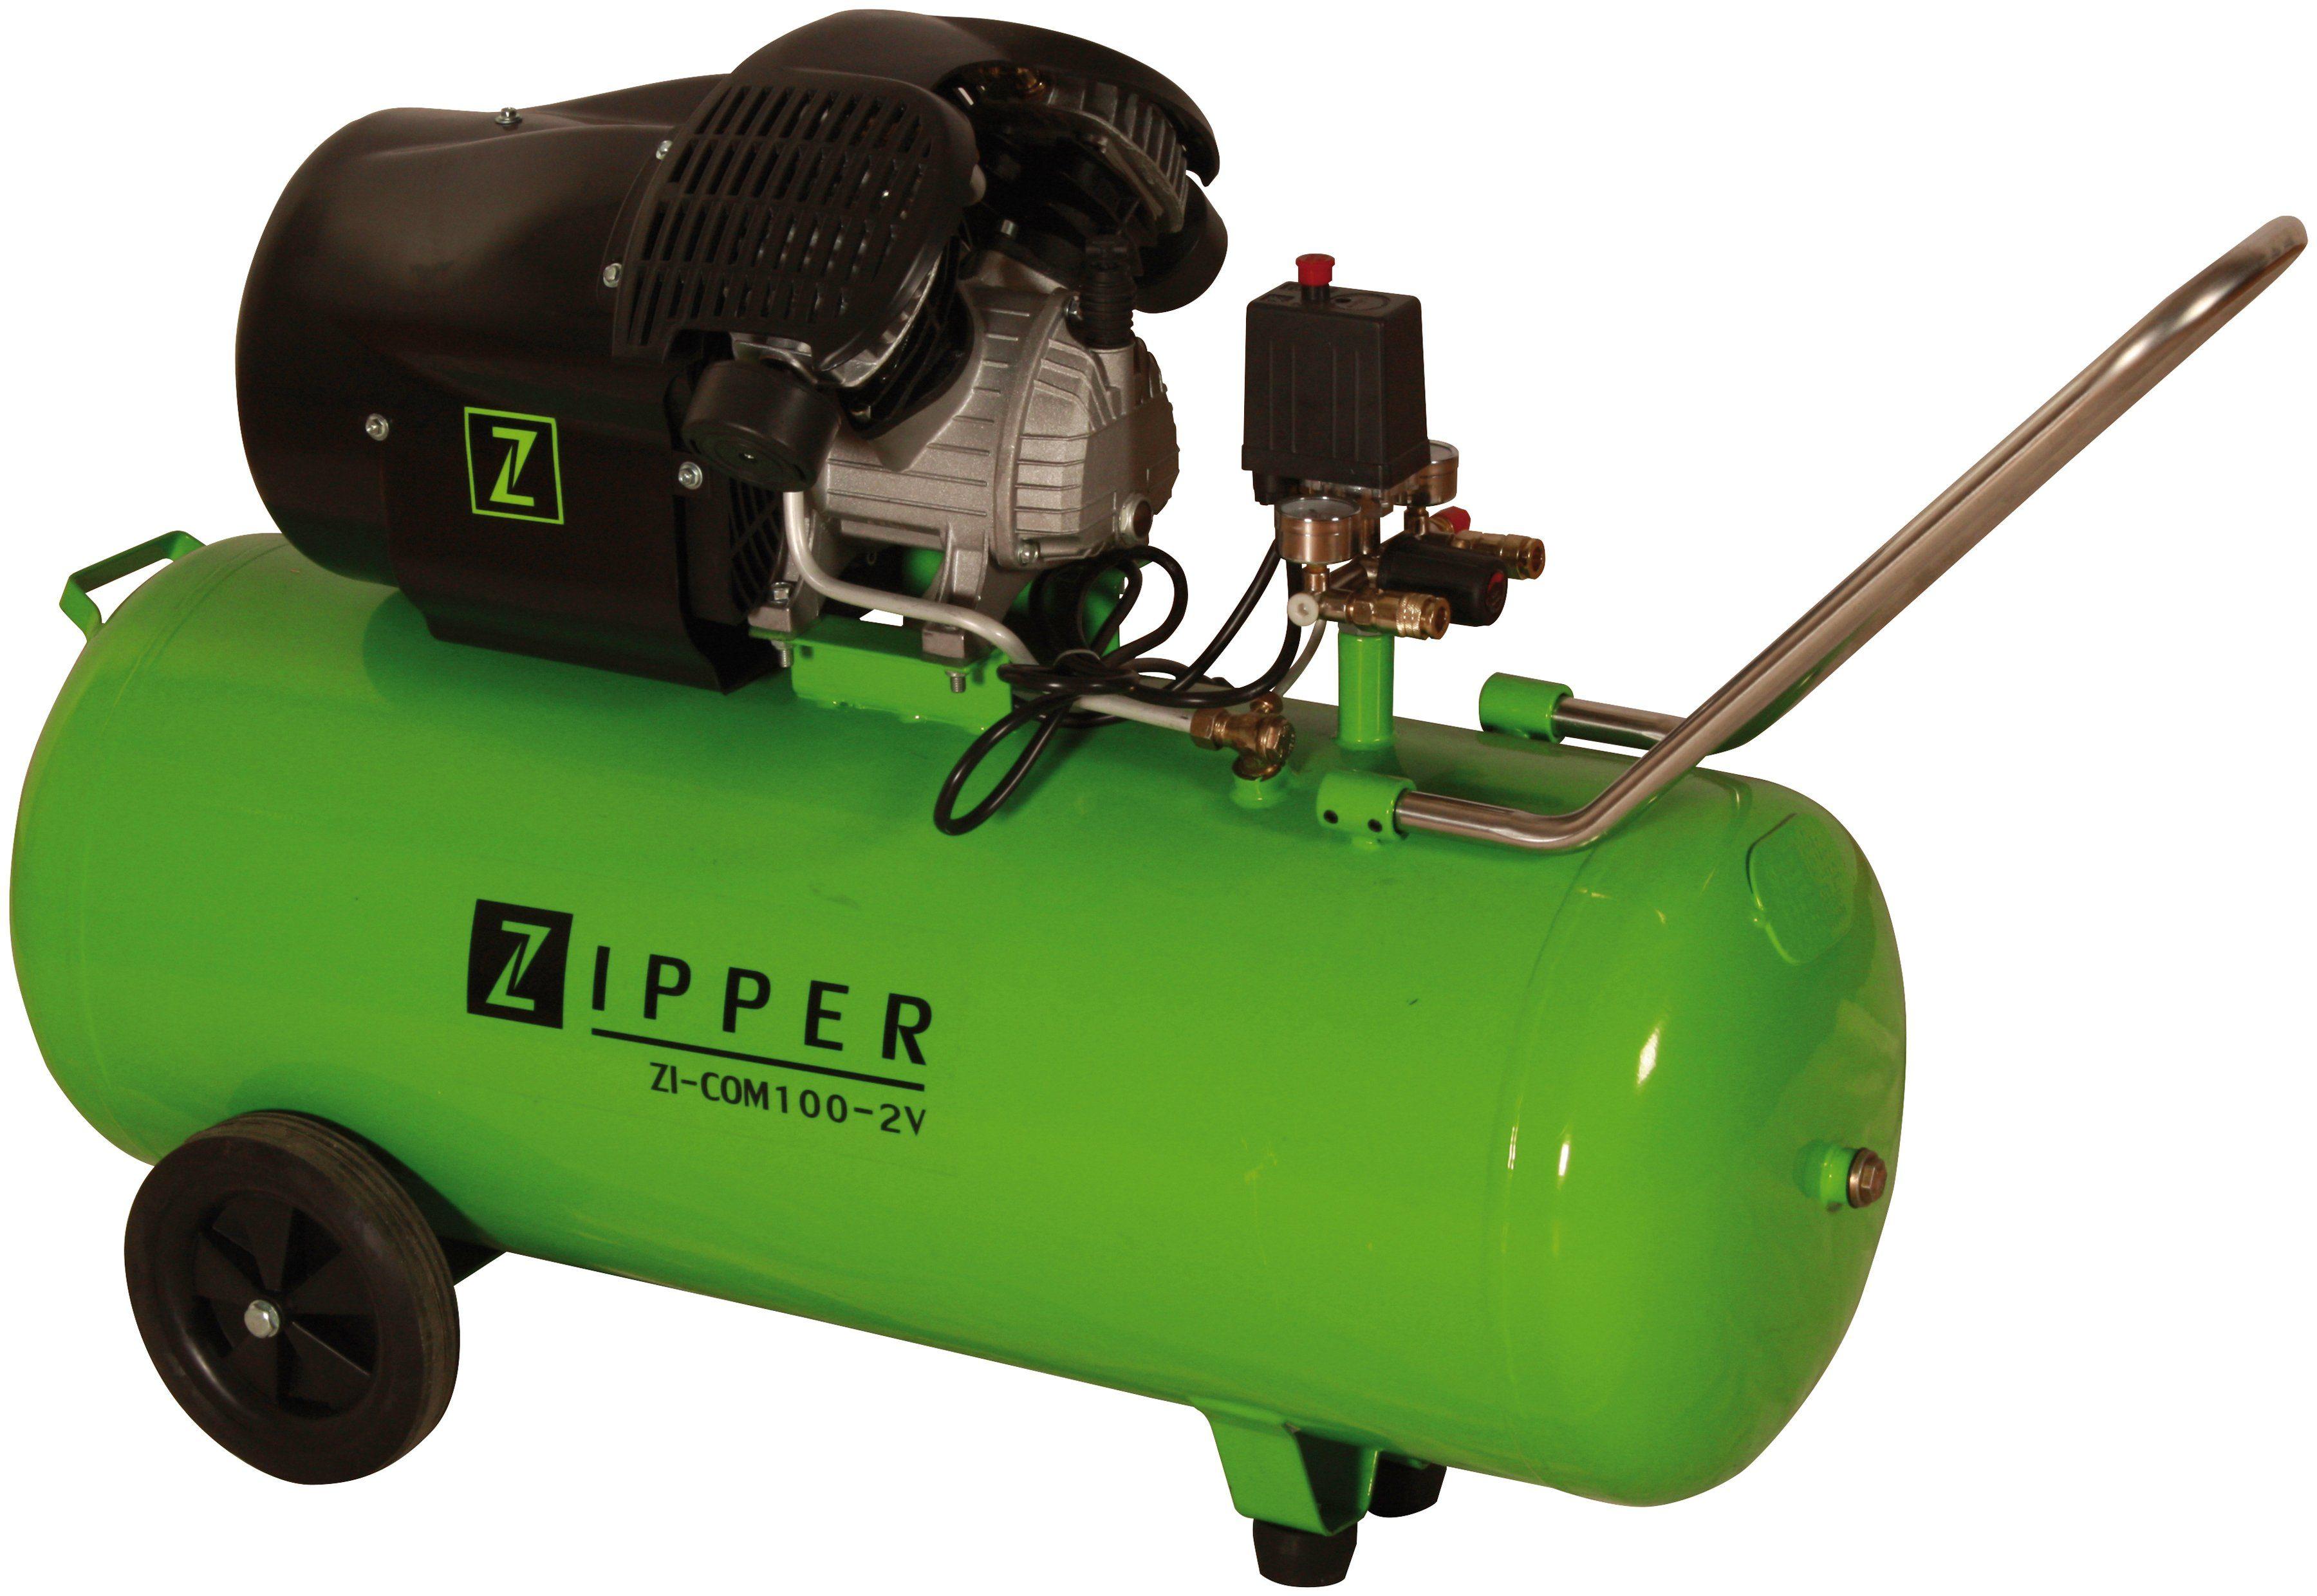 ZIPPER Kompressor »ZI-COM100-2V«, 12 A,